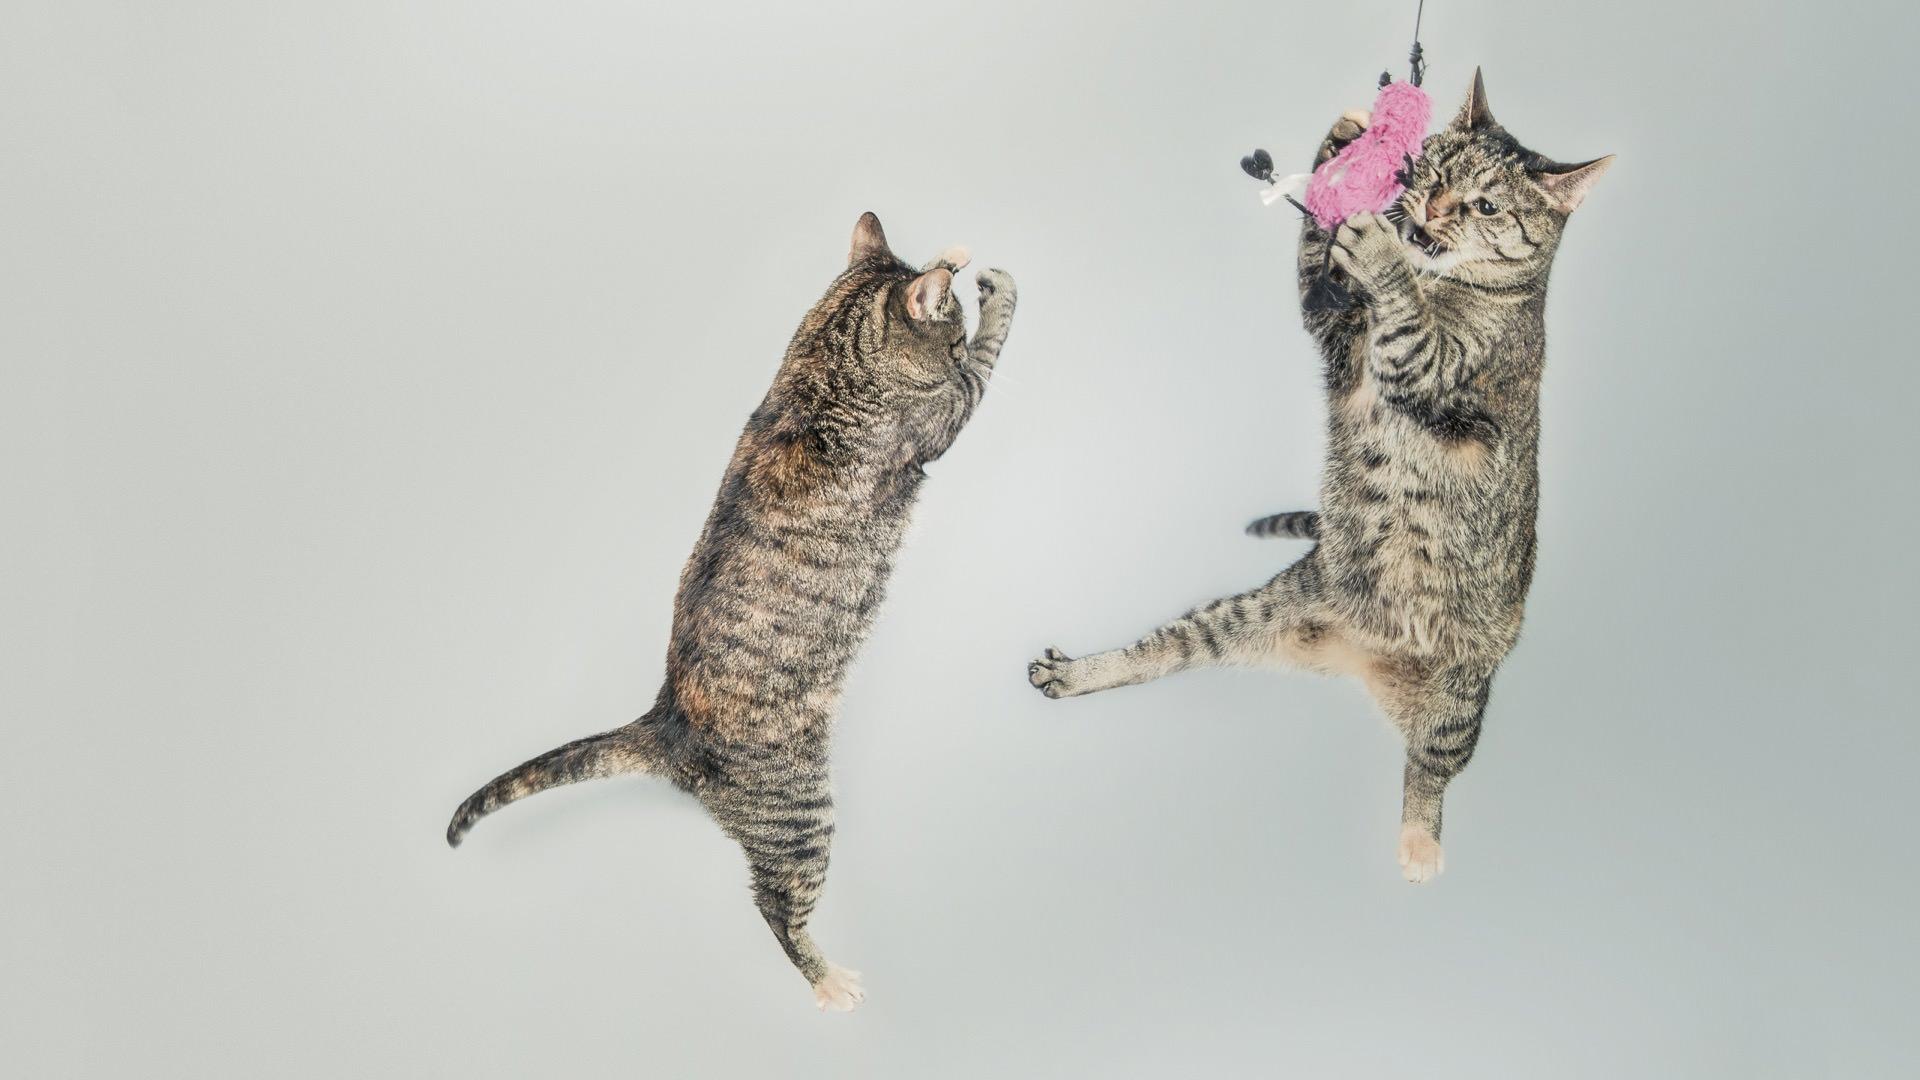 動物猫ジャンプ Wallpaper Sc Desktop